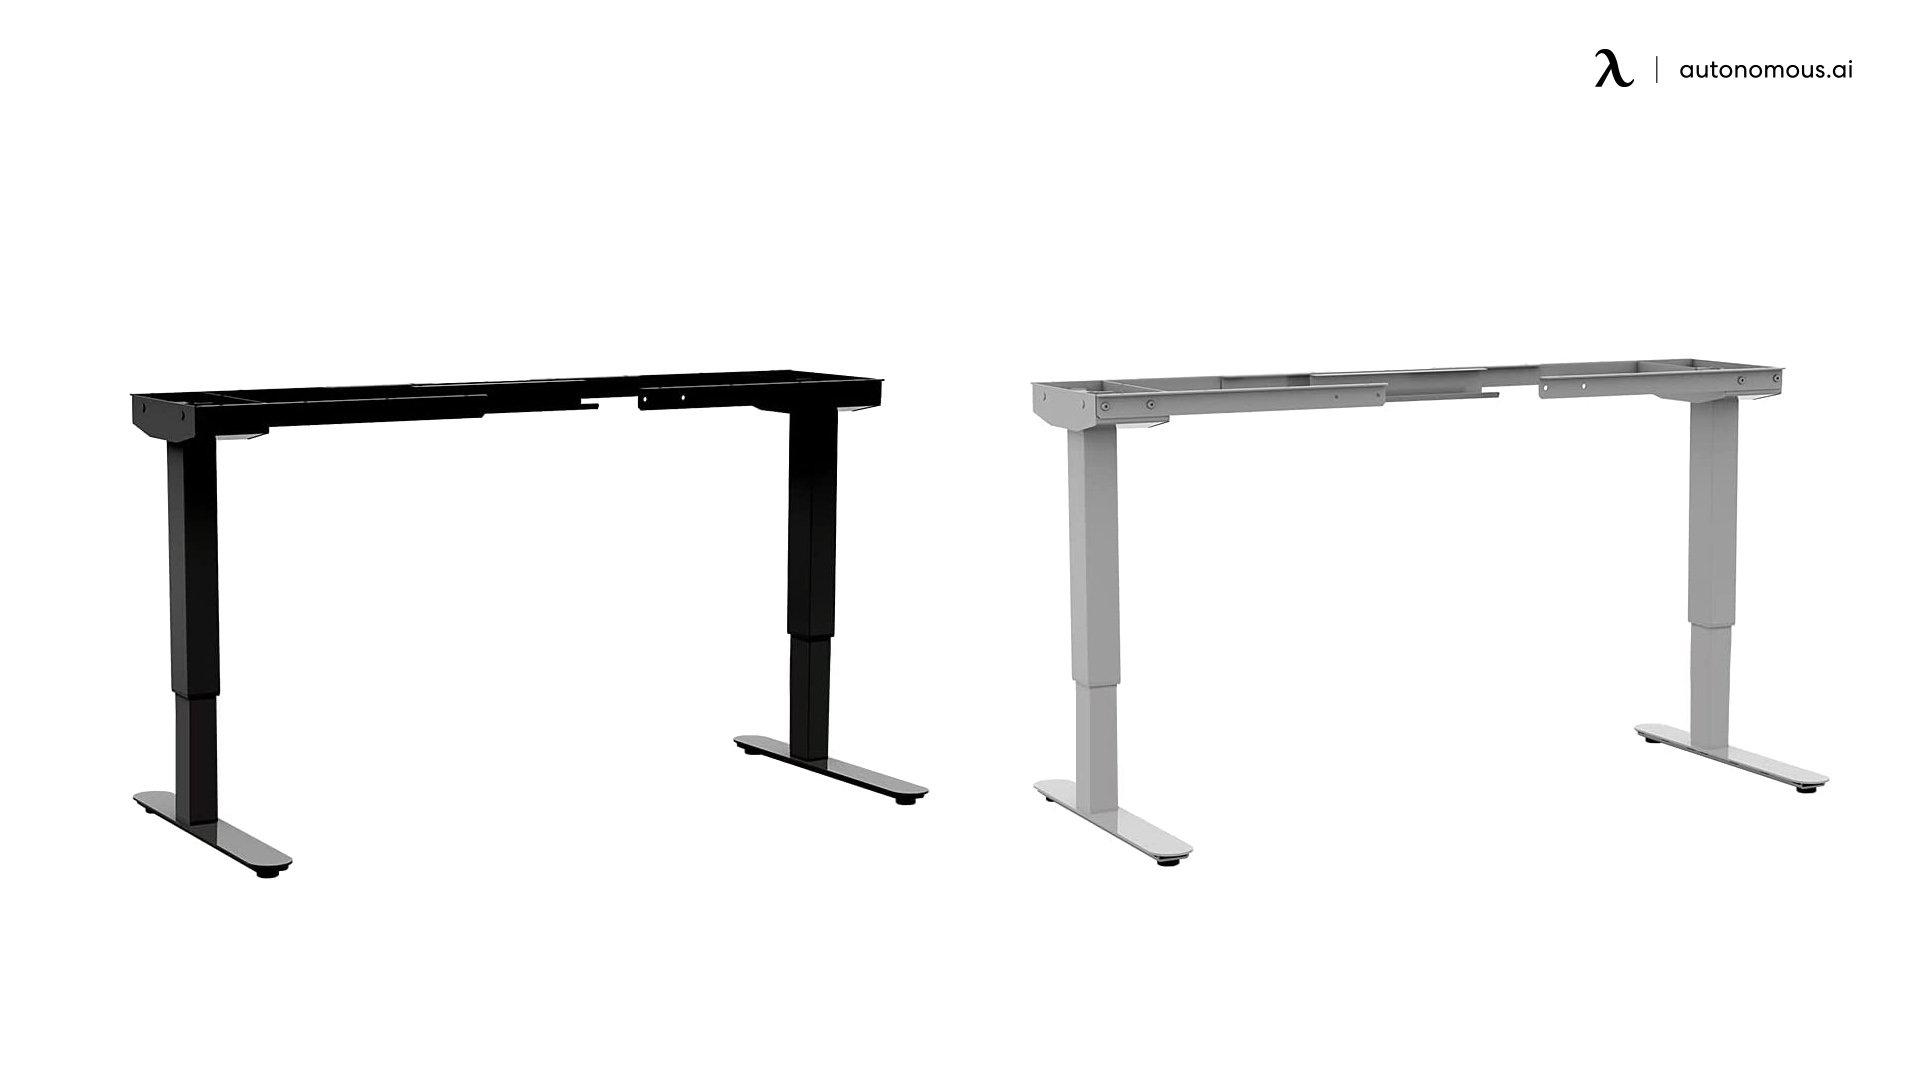 iMovR Freedom DIY Adjustable Standing Desk Frame